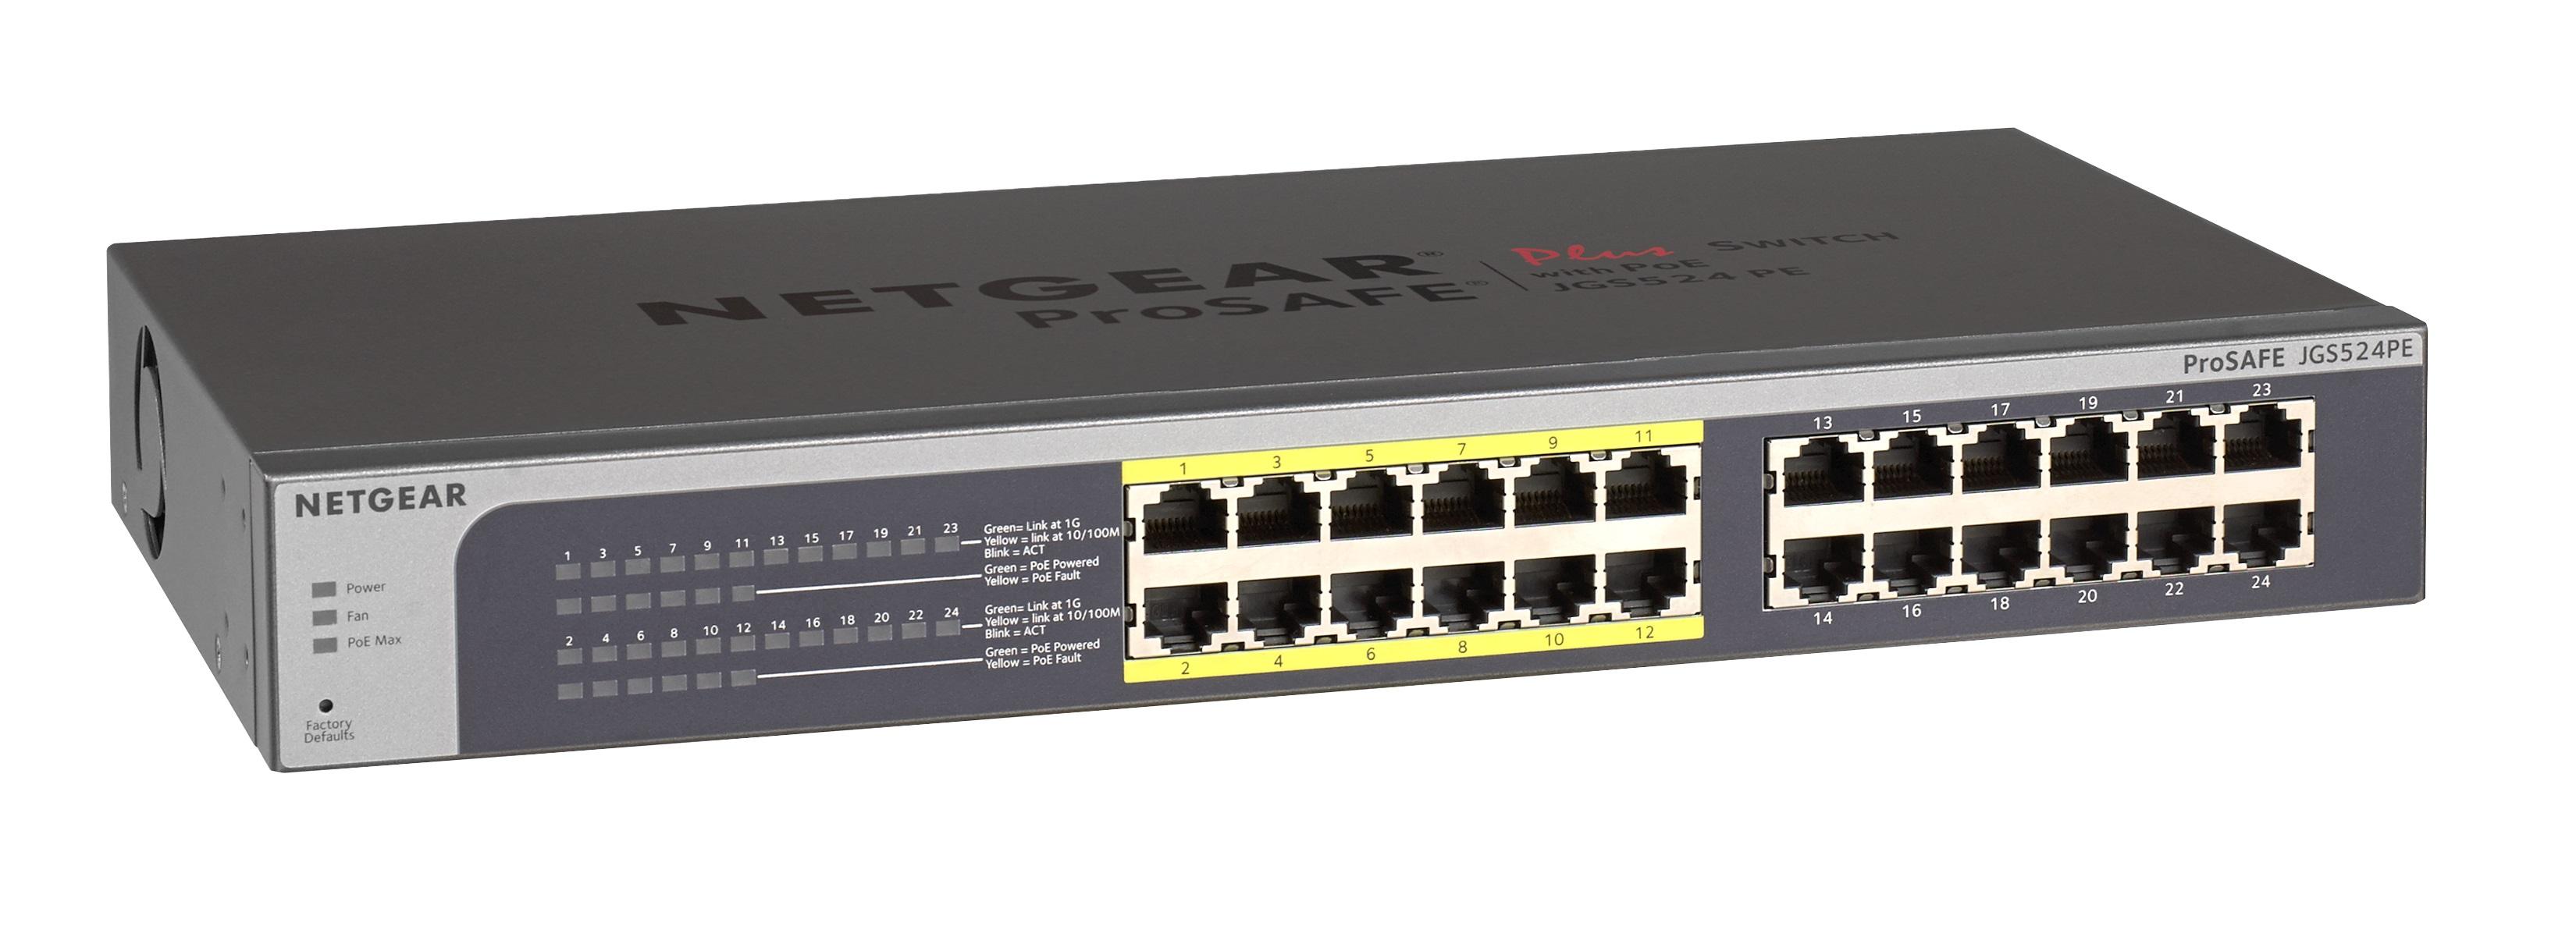 NETGEAR 24xGb/12x PoE Plus switch;100W;JGS524PE